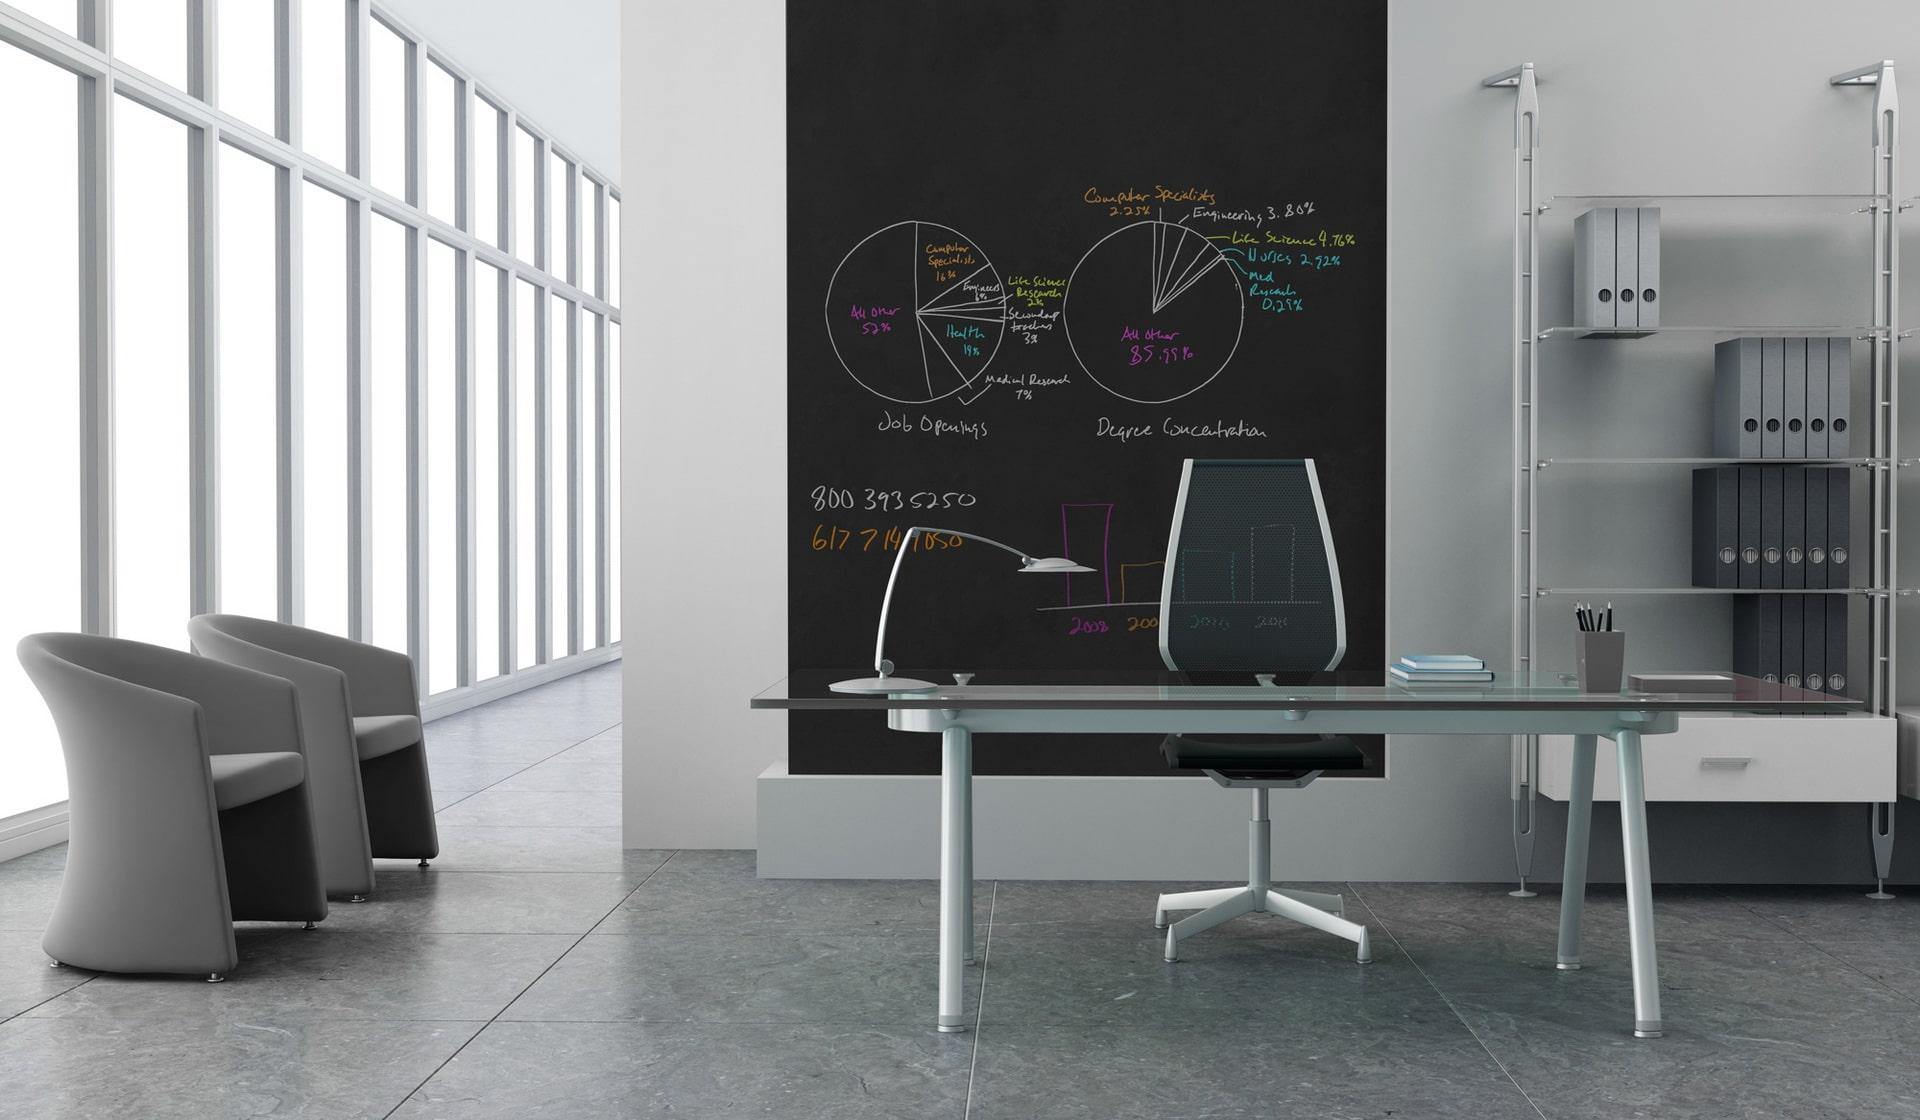 Professionelle whiteboardfarbe von ideapaint f r den einsatz im b ro ideapaint - Small business space paint ...